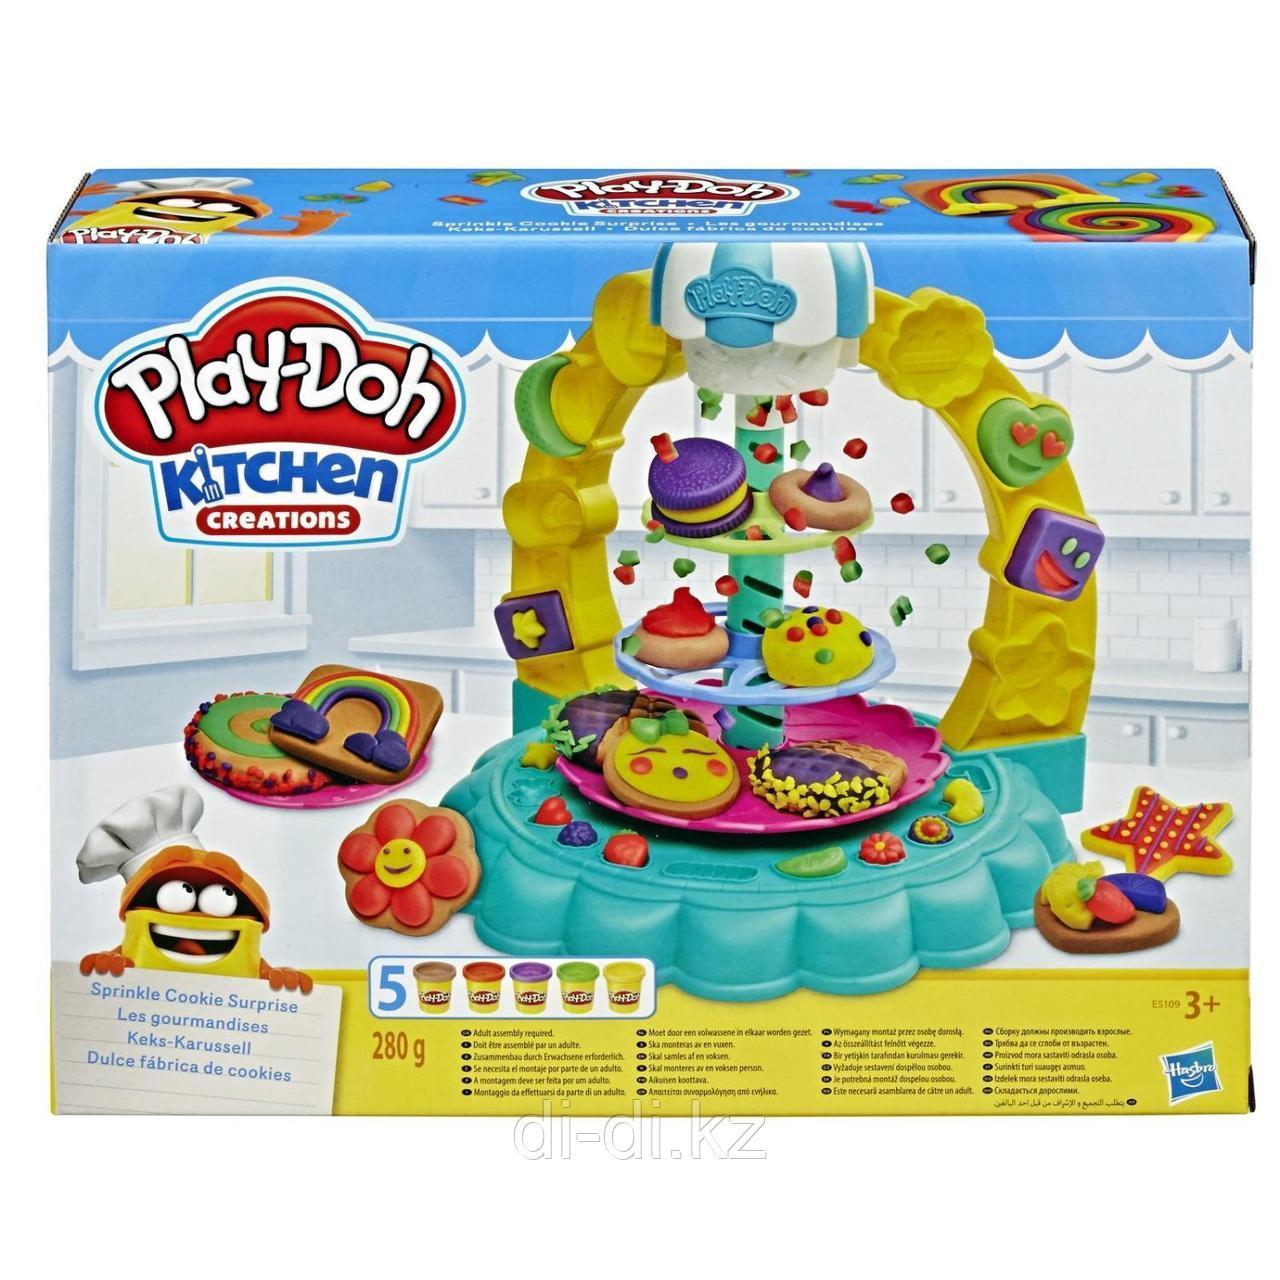 Игровой набор Play-Doh Kitchen Creations - Карусель сладостей